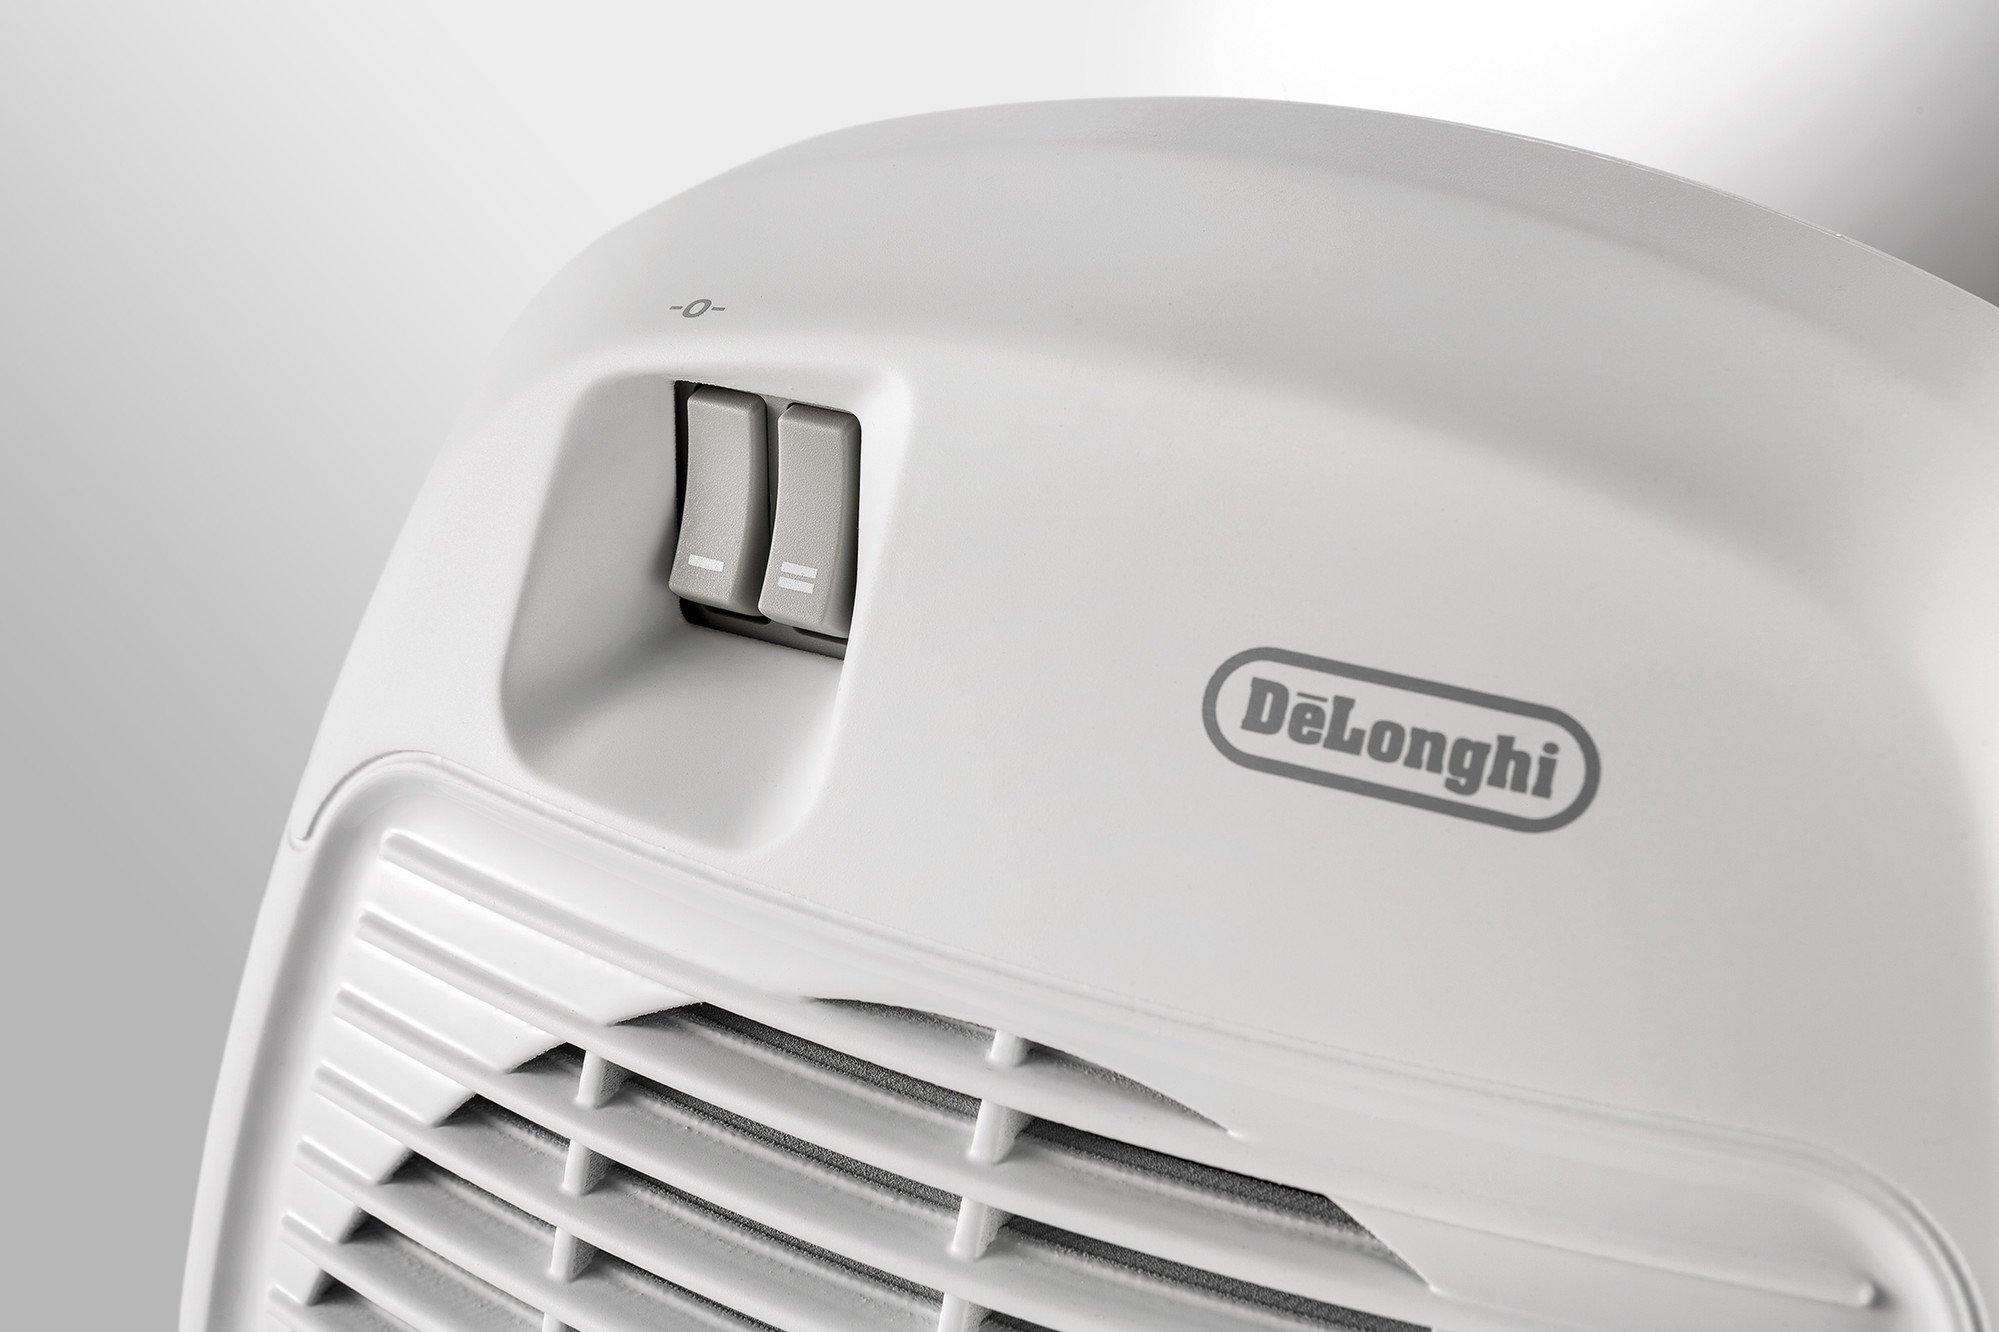 De-Longhi-stufa-elettrica-per-un-riscaldamento-veloce